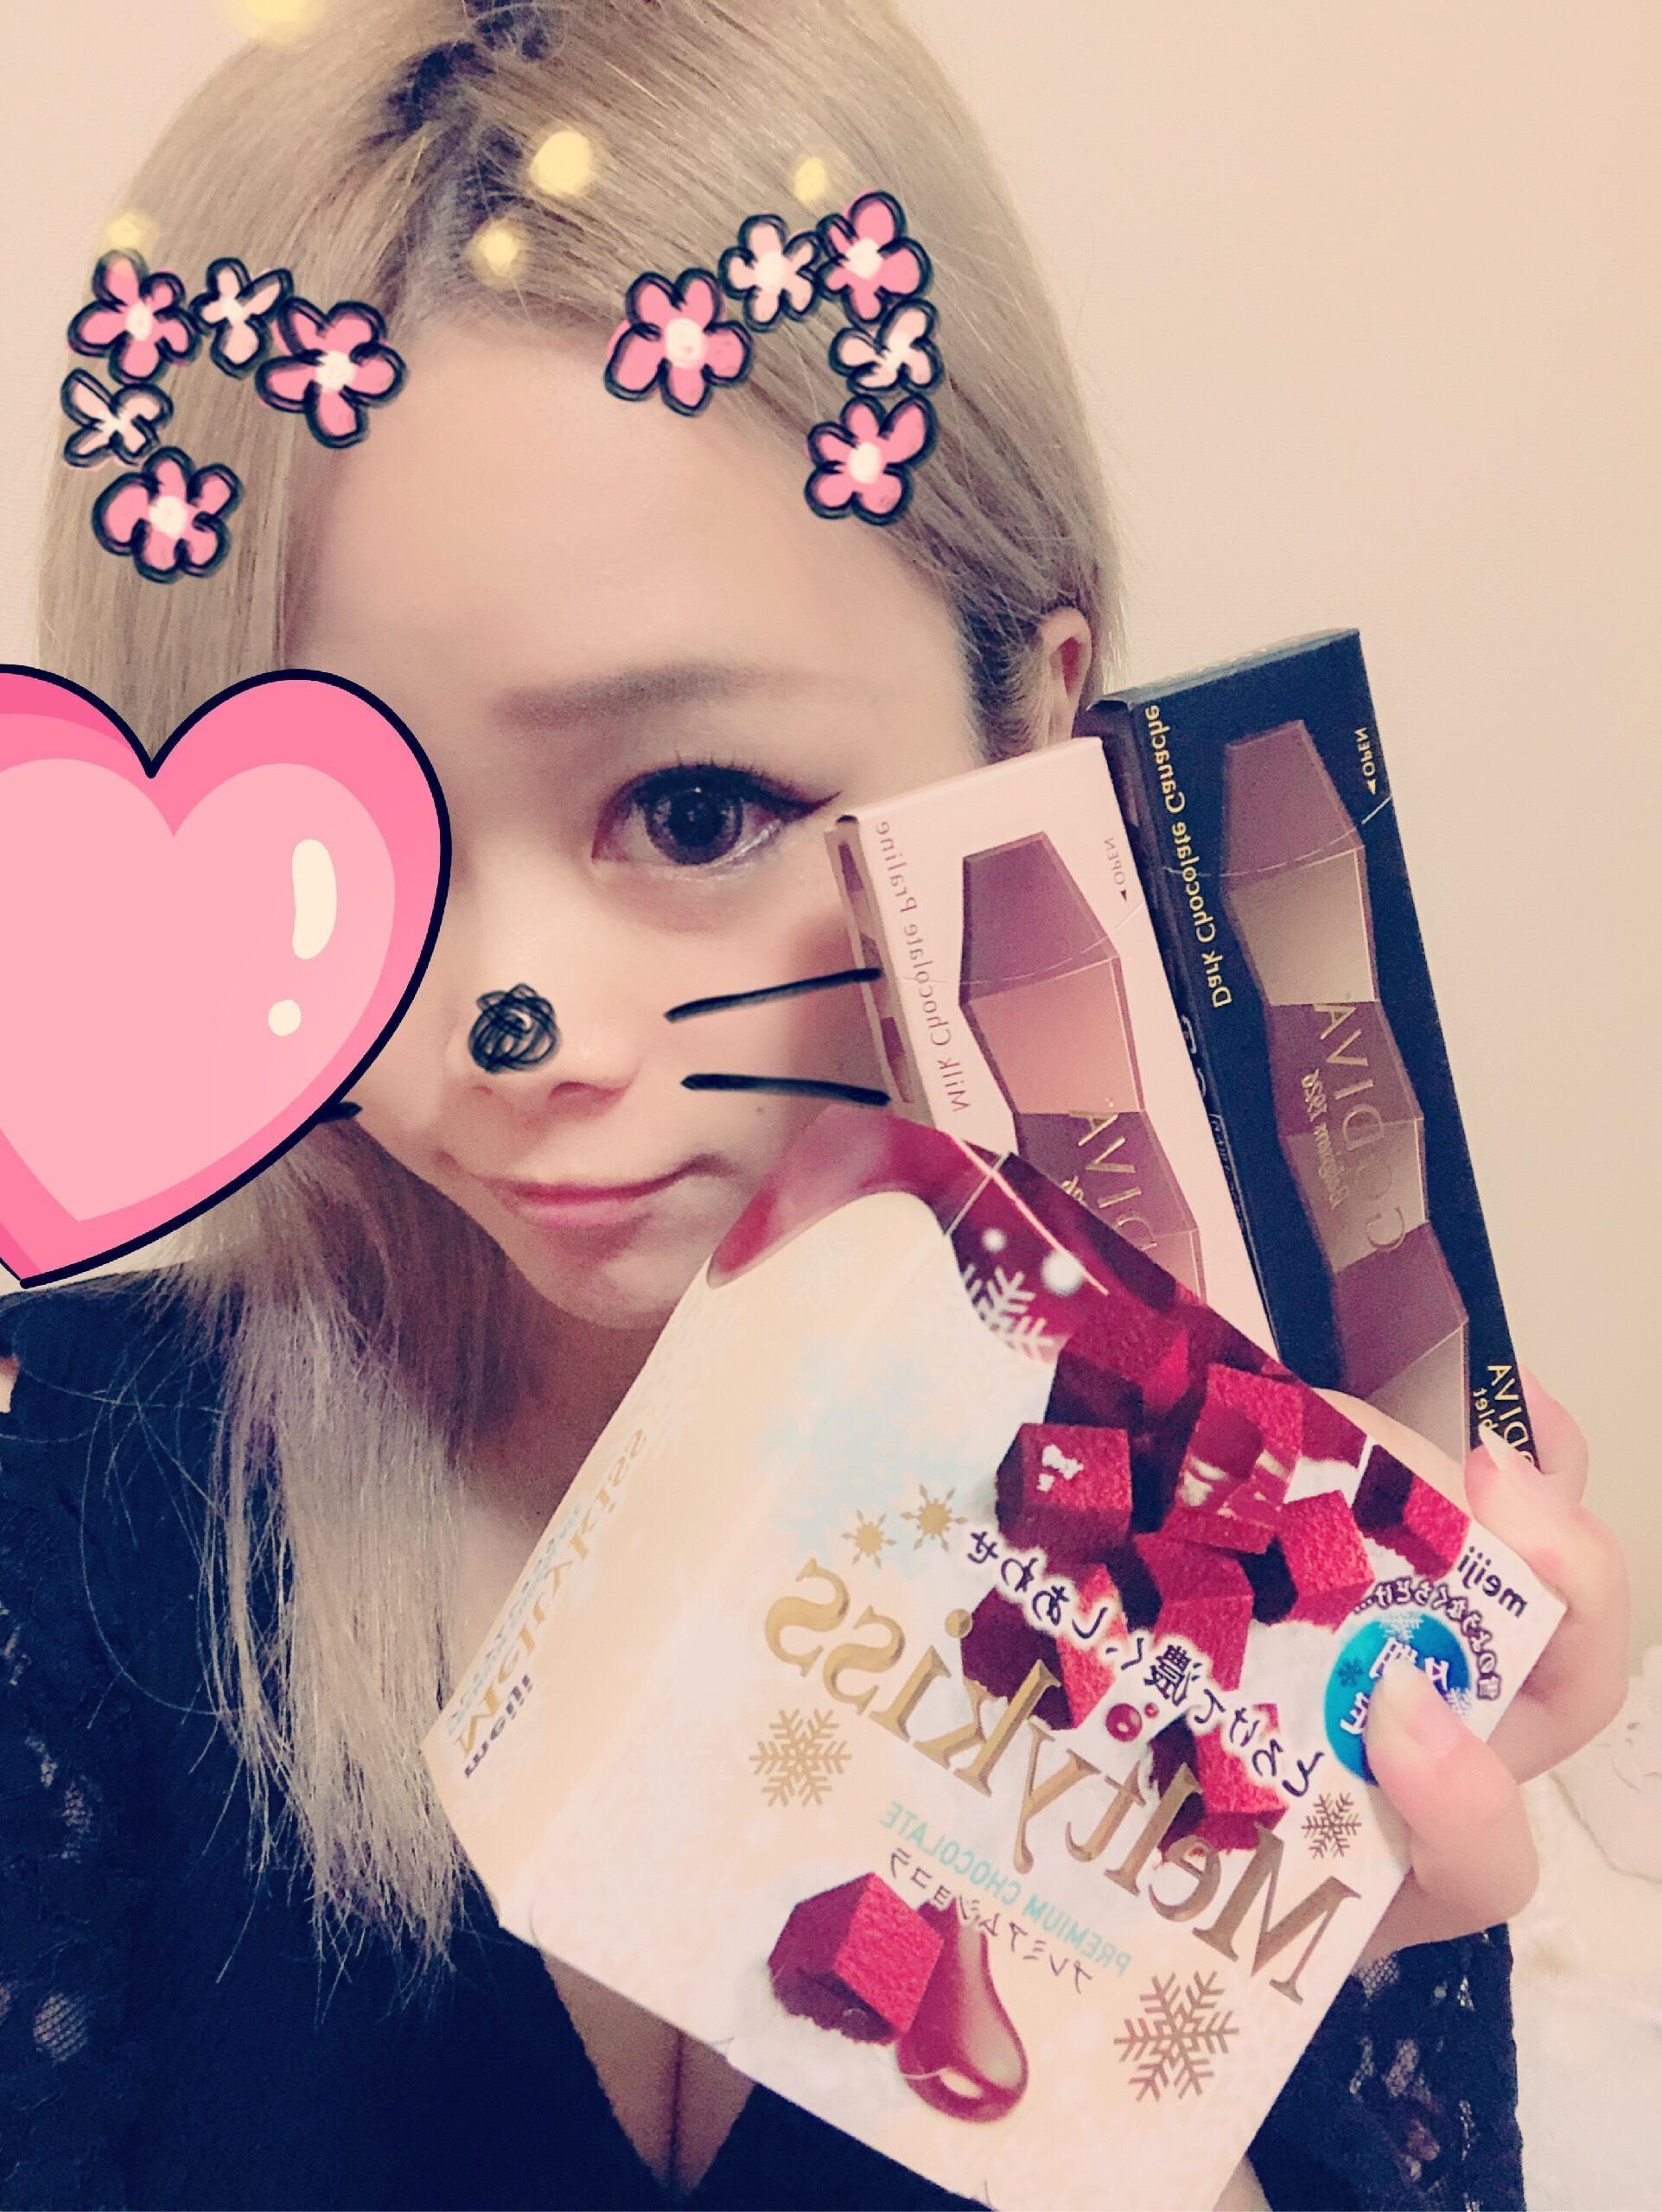 「ありがとう♡」12/08(土) 03:09 | ゆな※リピ率No1の美少女の写メ・風俗動画